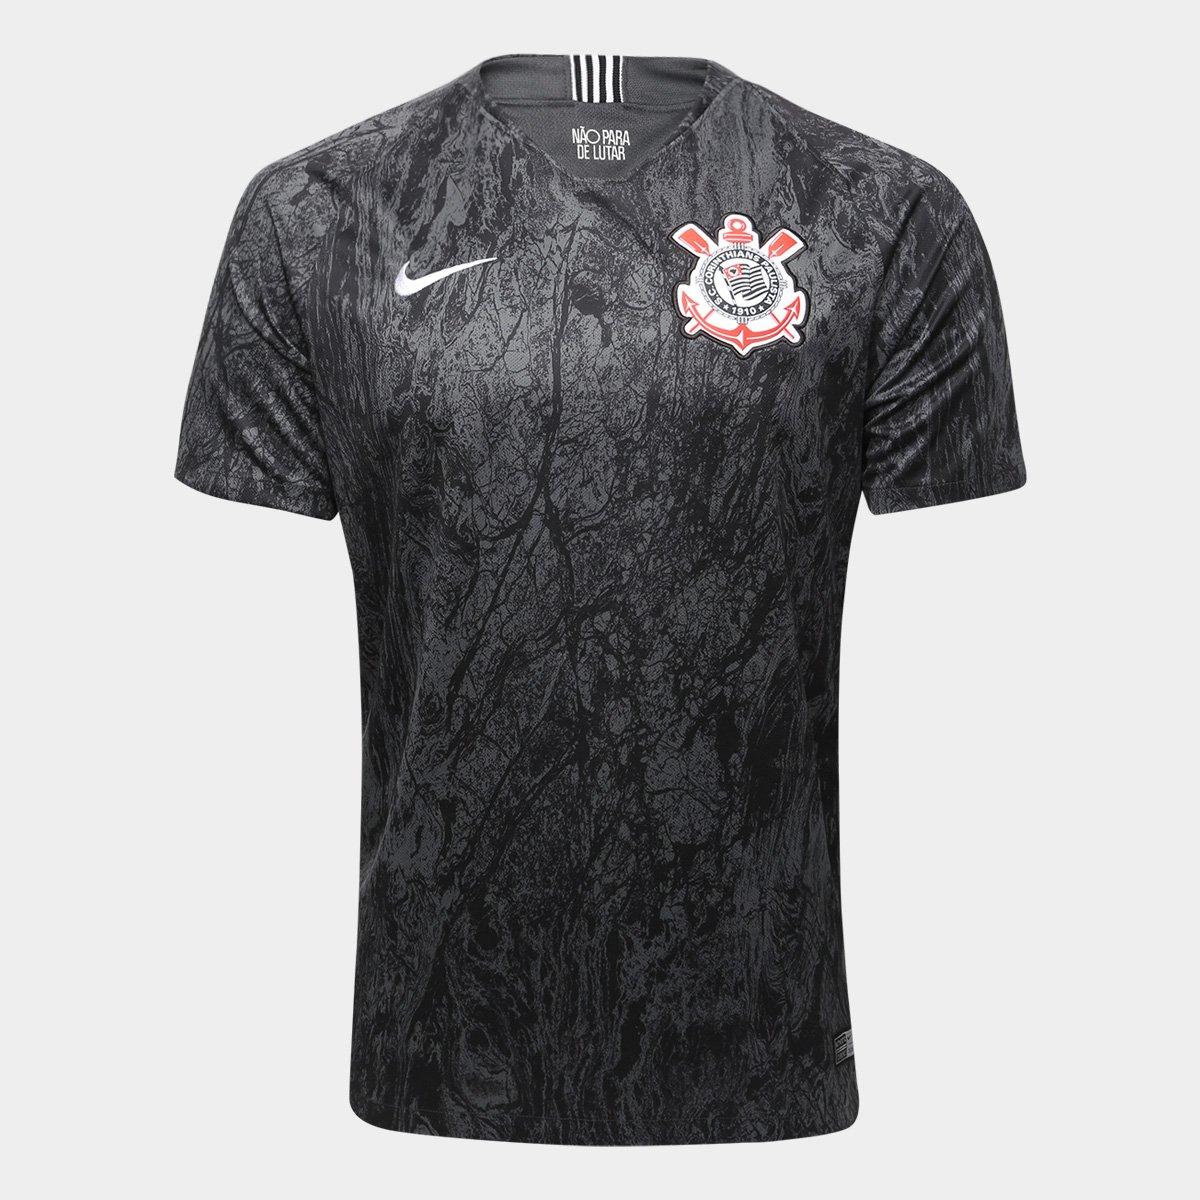 ... Camisa Corinthians II 18 19 n° 17 - M.Boselli Torcedor Nike Masculina  ... cacc8703fb400